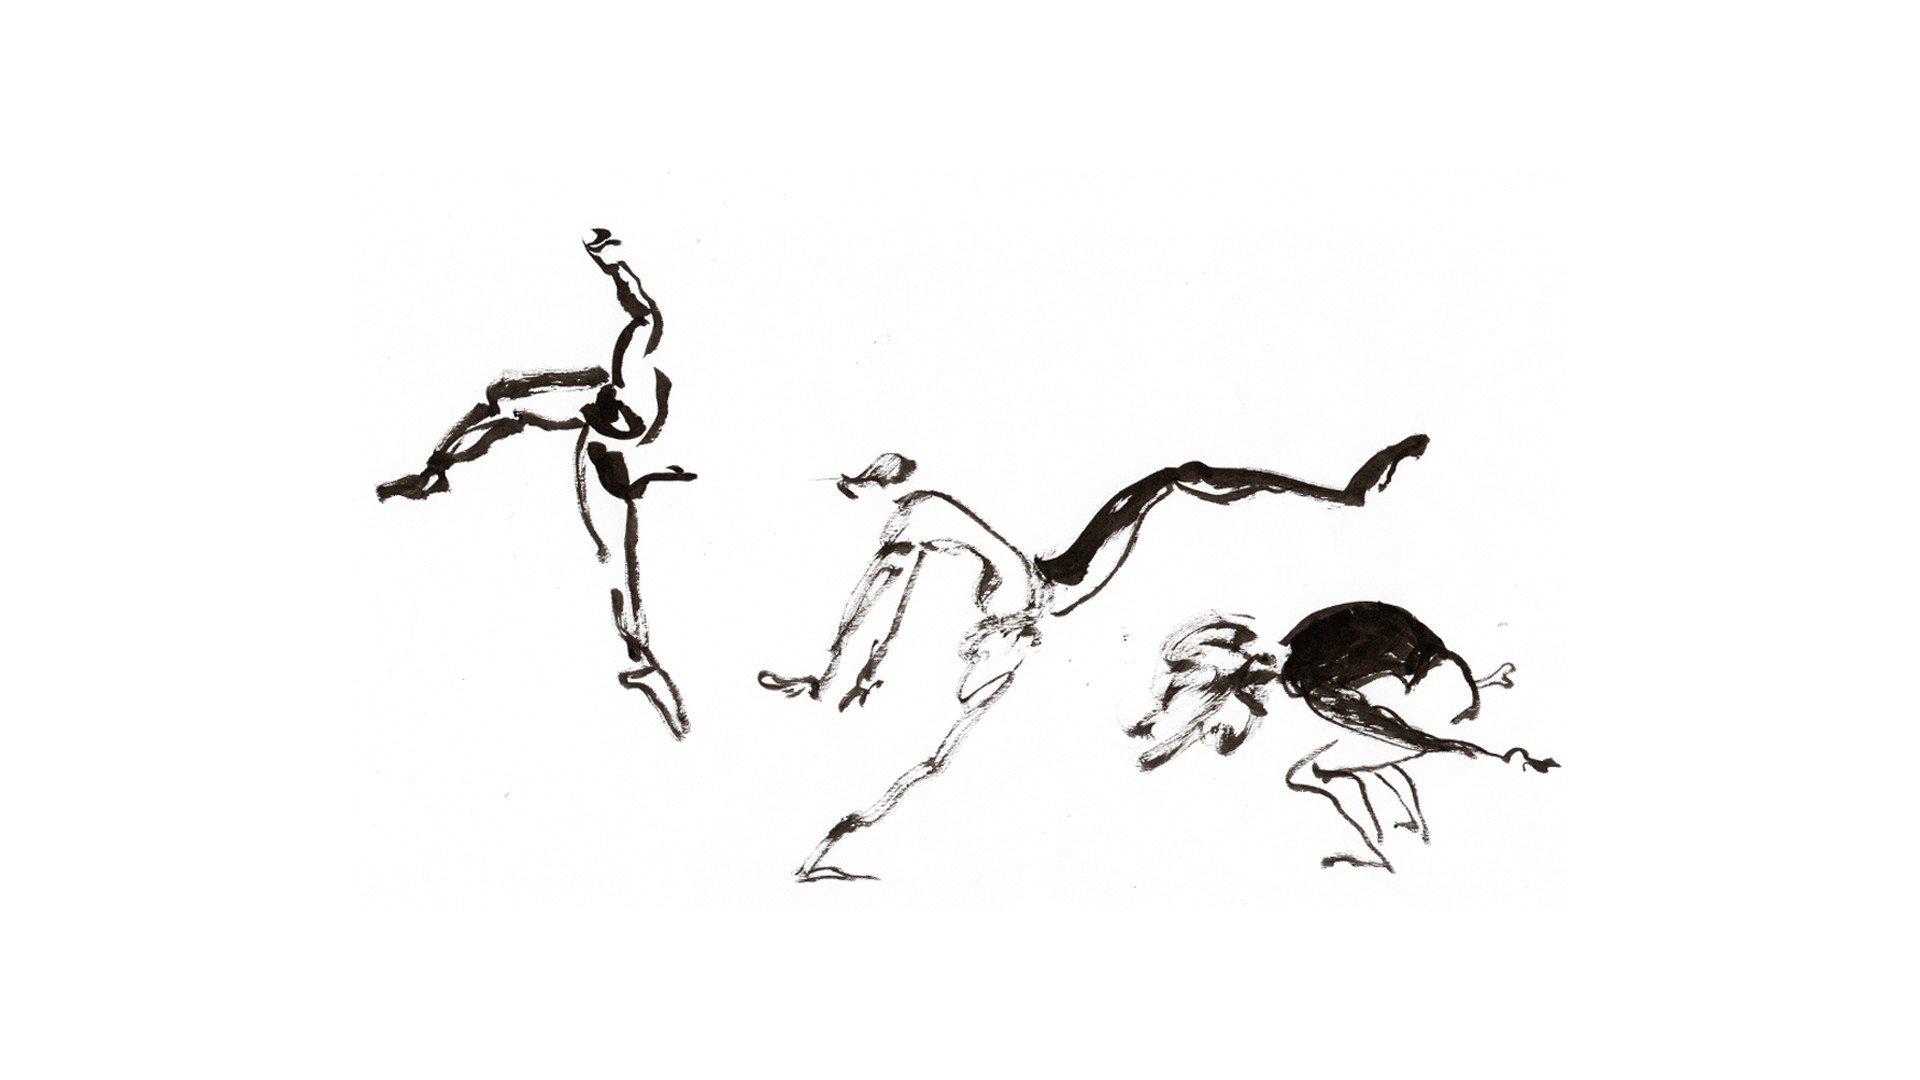 drawn undrew draw by Angel Wu